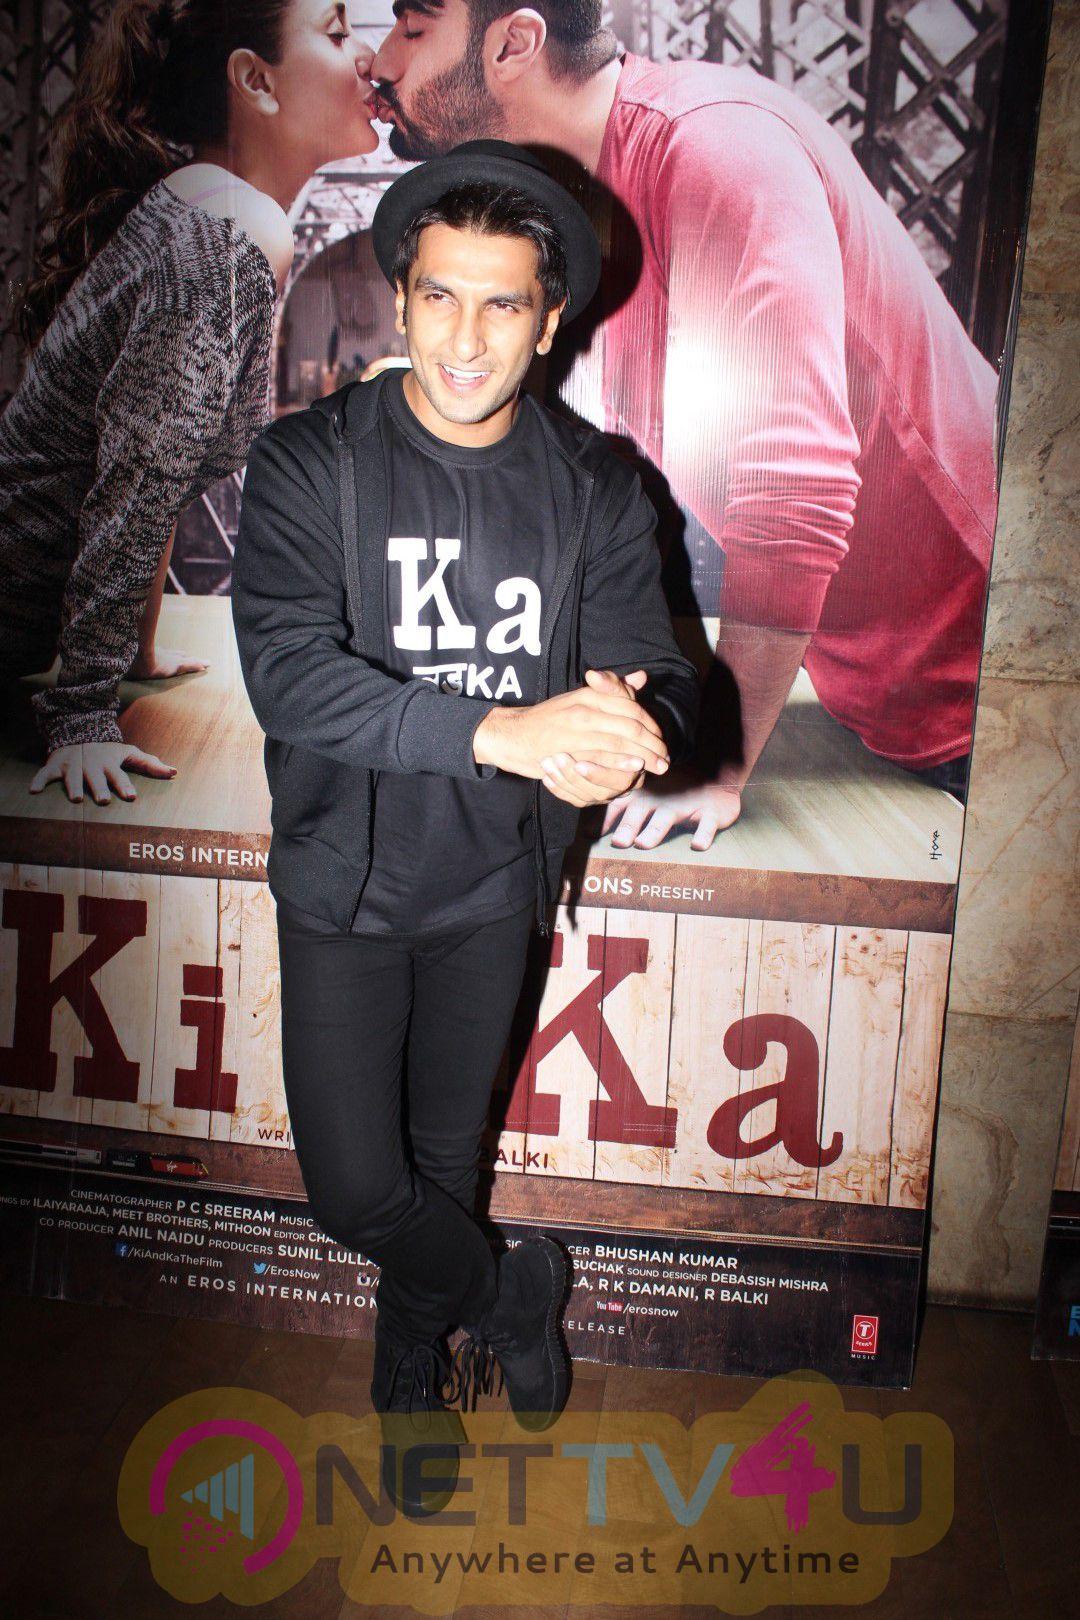 Ranveer Singh & Other Celebs At Screening Of Film KI & KA Stills